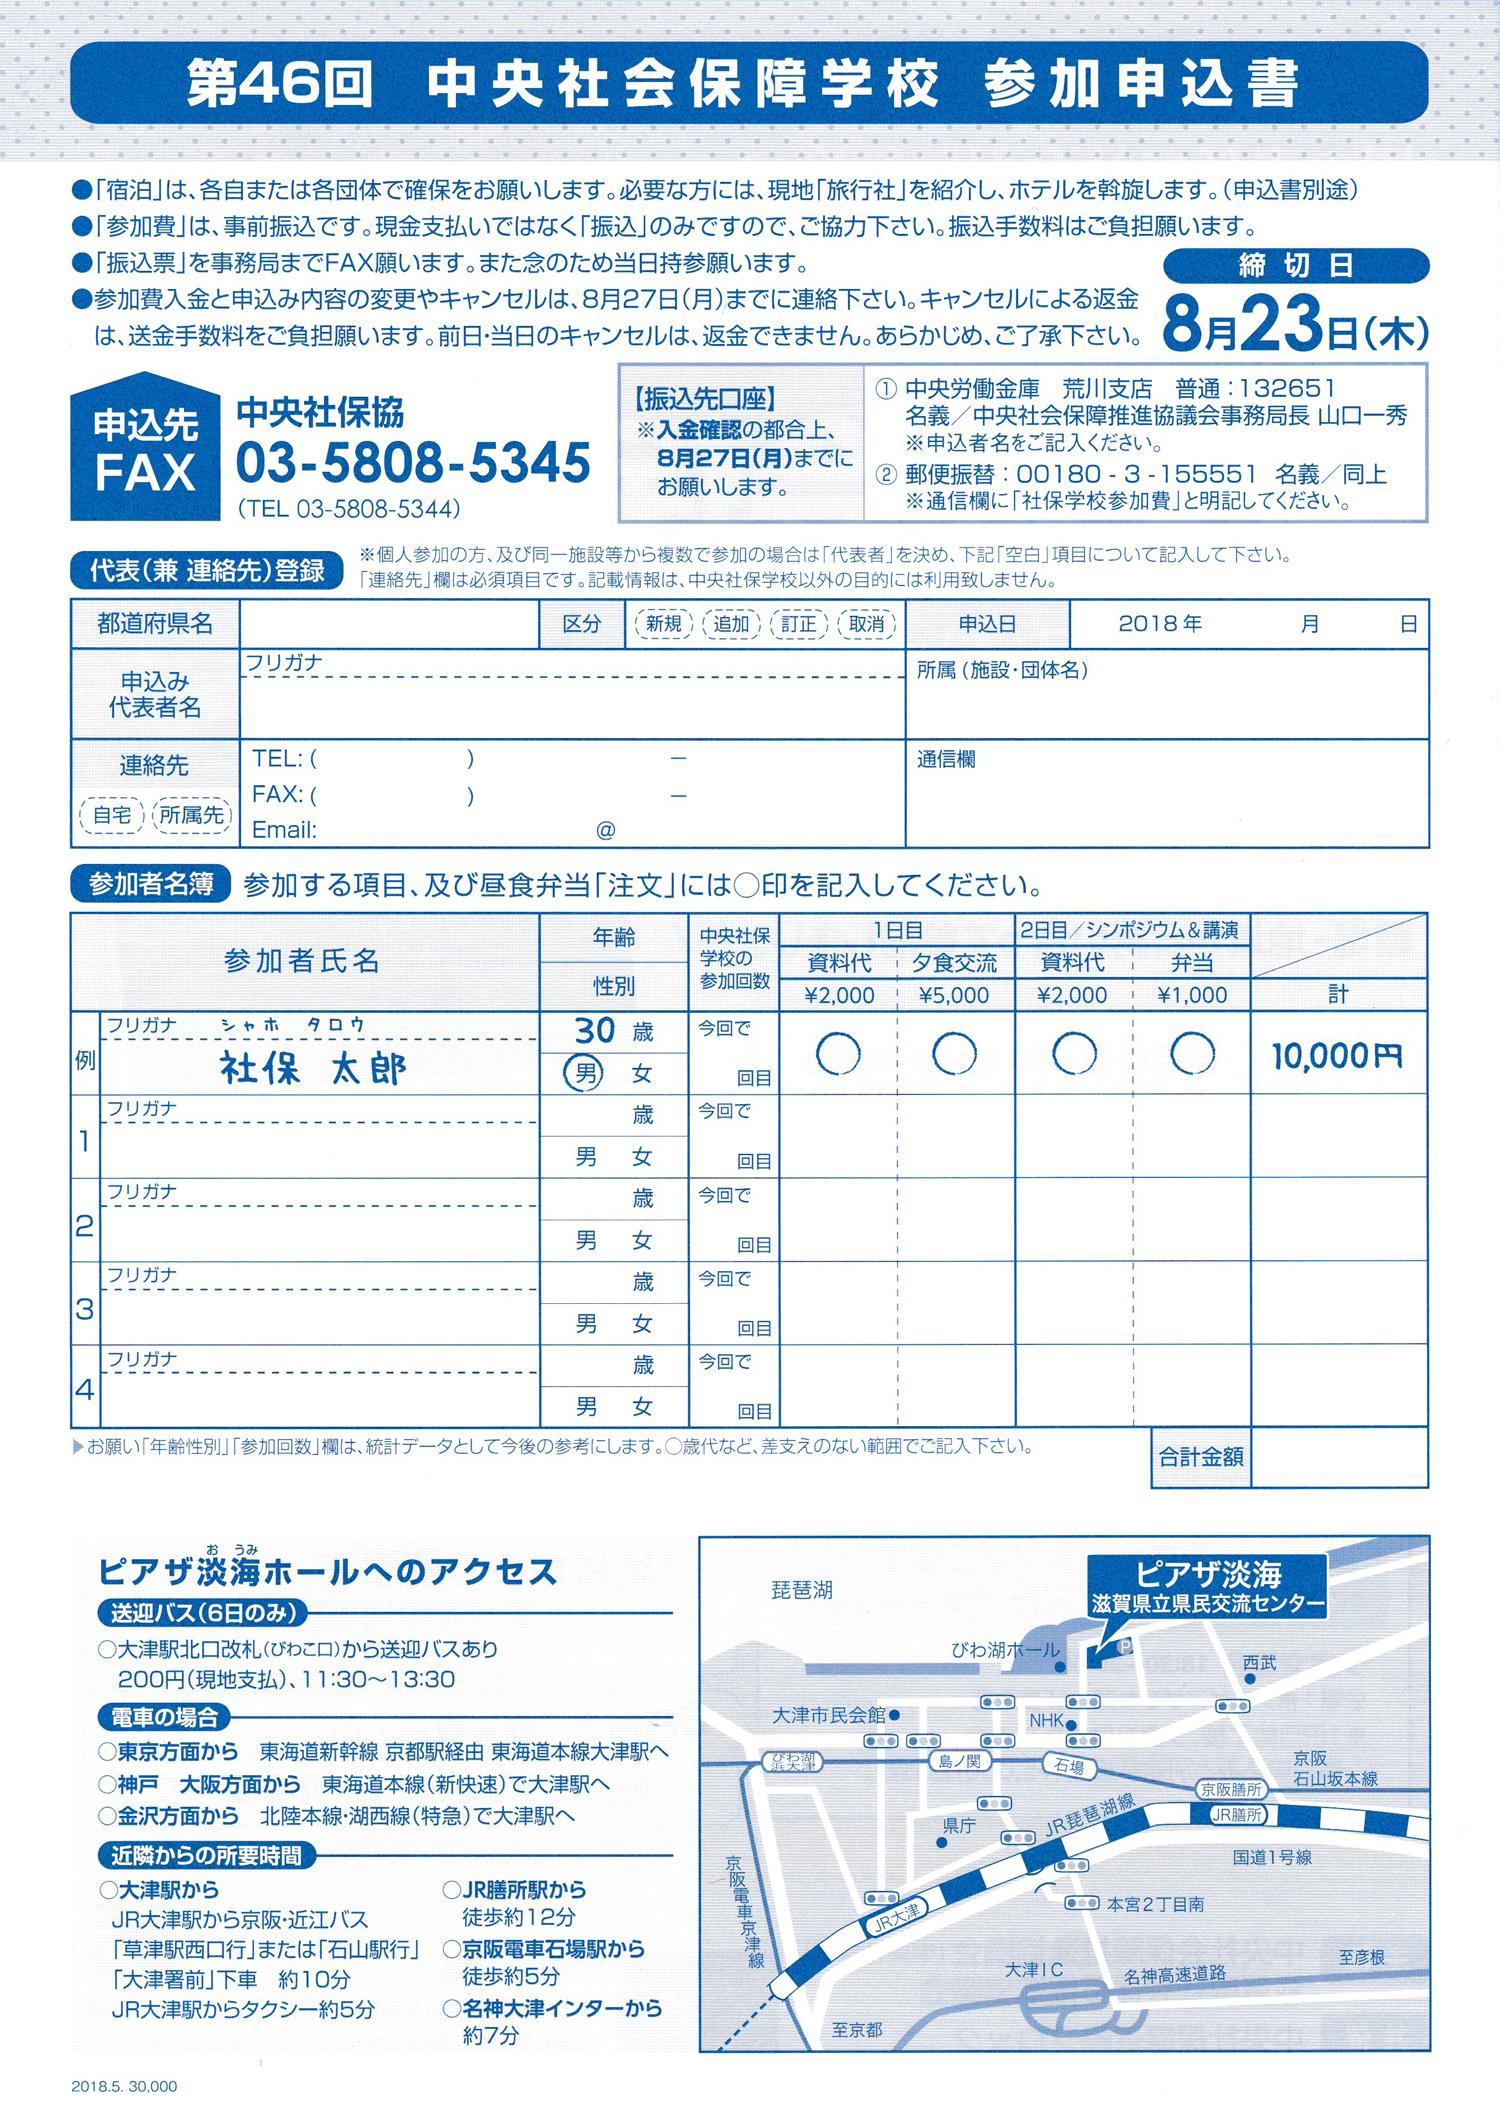 中央社会保障学校9月6日〜8日